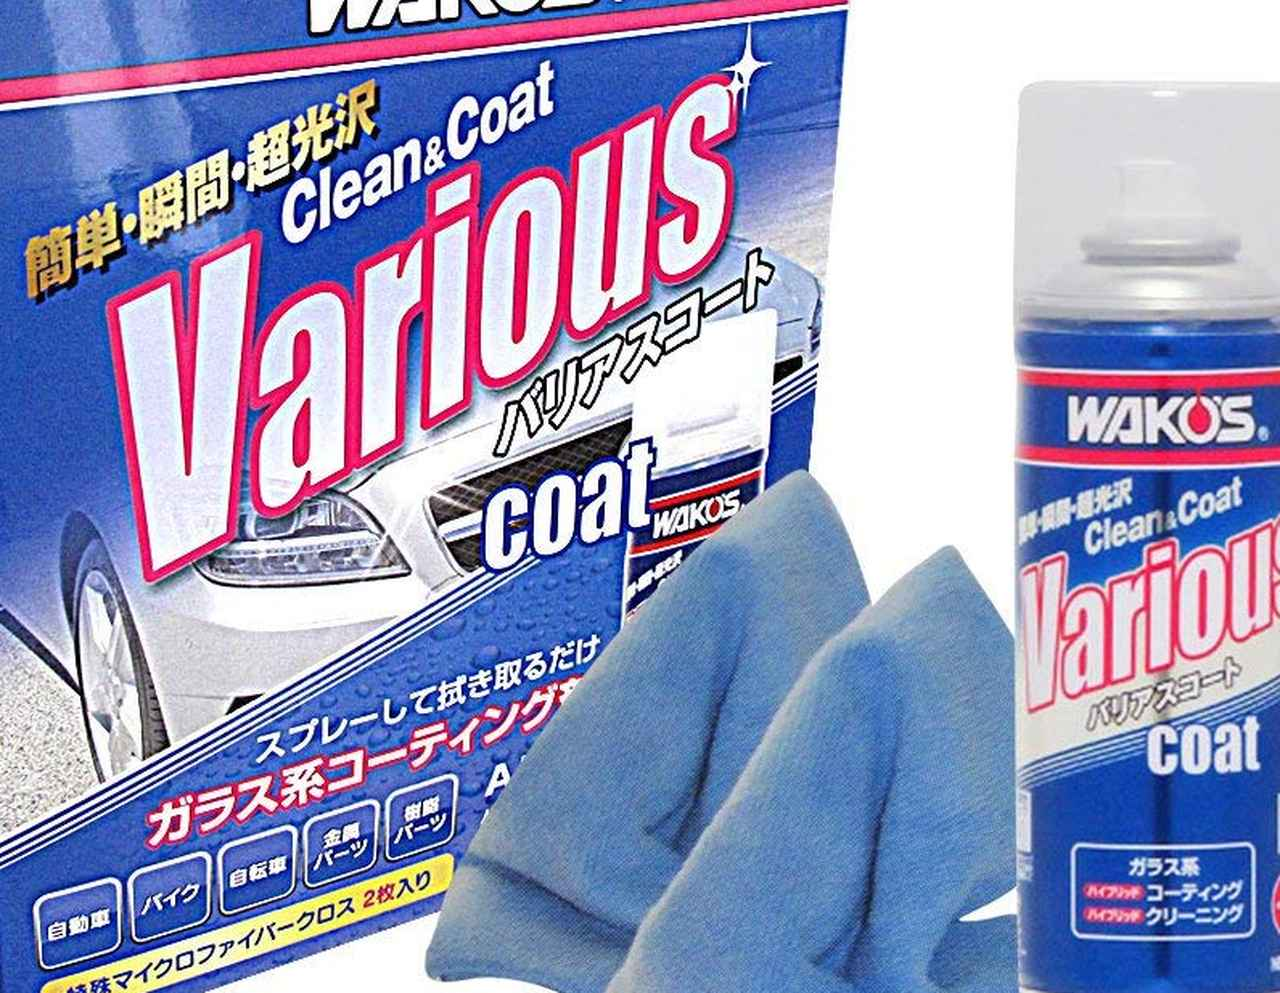 画像: アマゾン公式サイトより www.amazon.co.jp